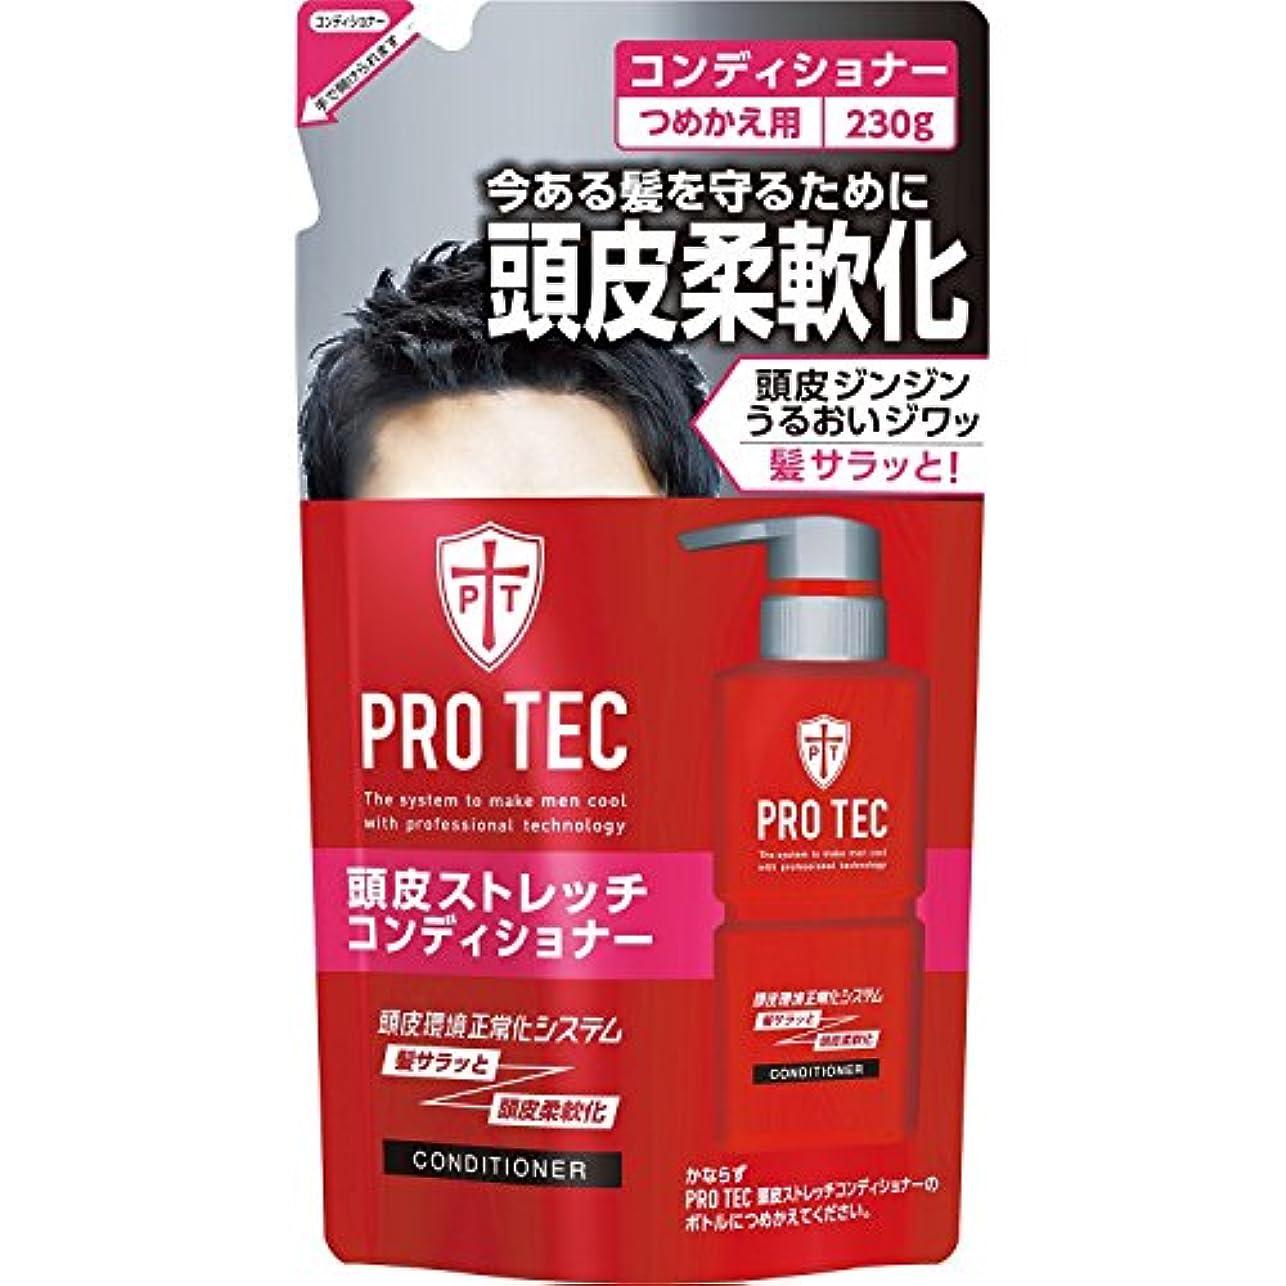 スカープ取り替える差別するPRO TEC(プロテク) 頭皮ストレッチ コンディショナー 詰め替え 230g